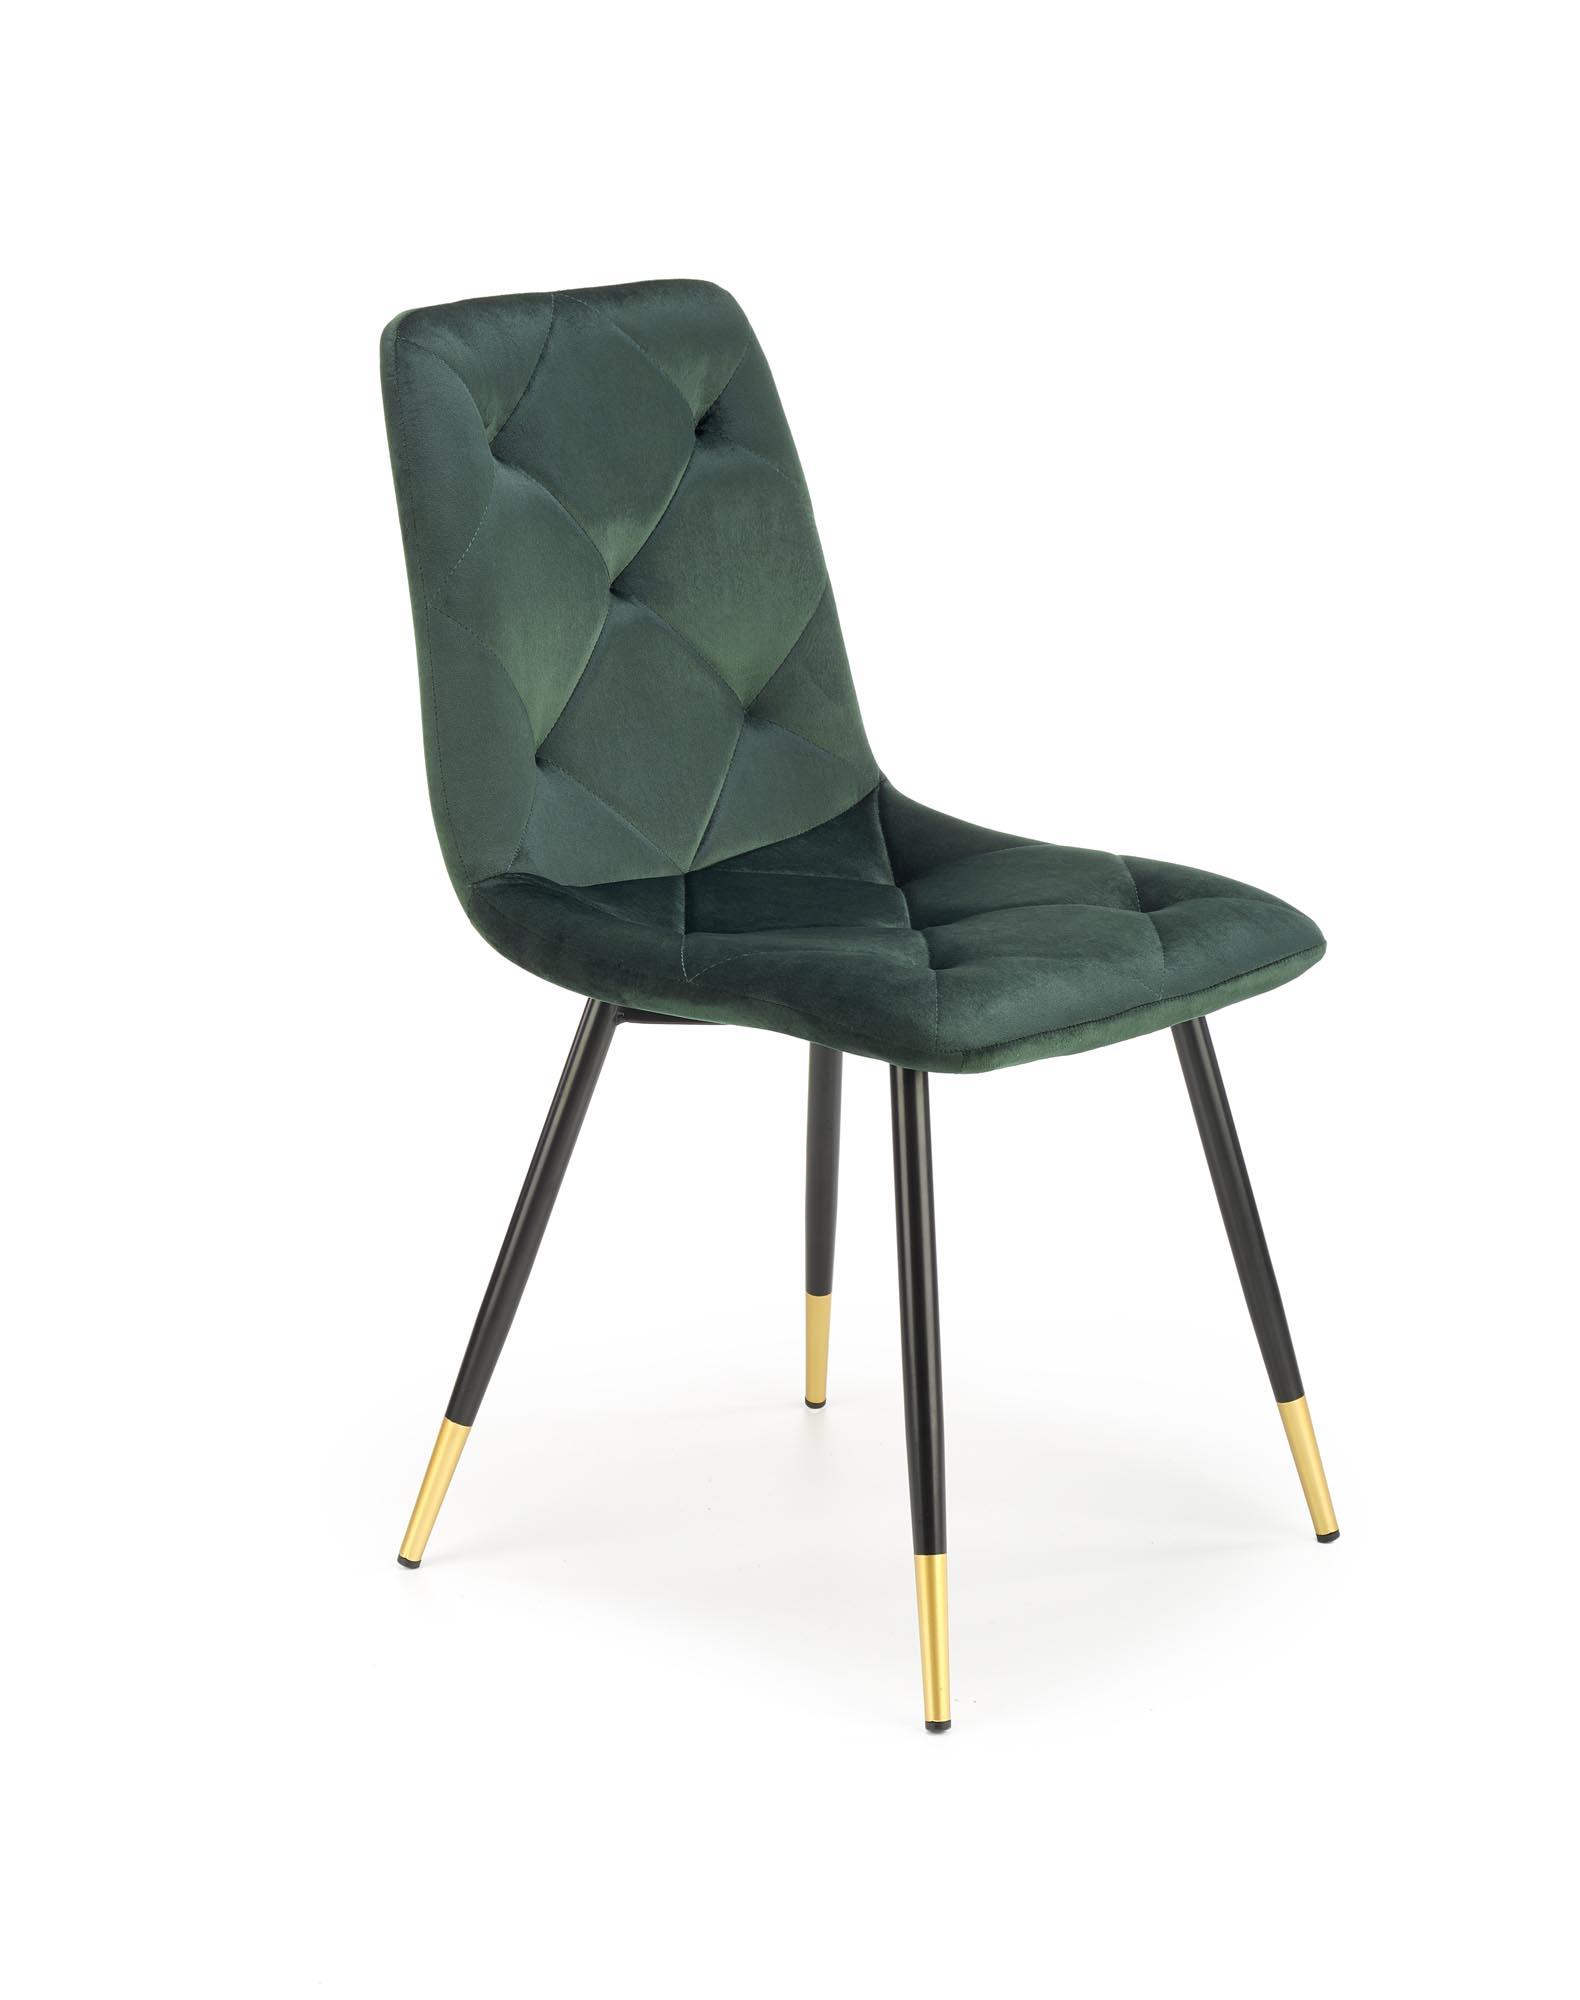 K438 krzesło ciemny zielony